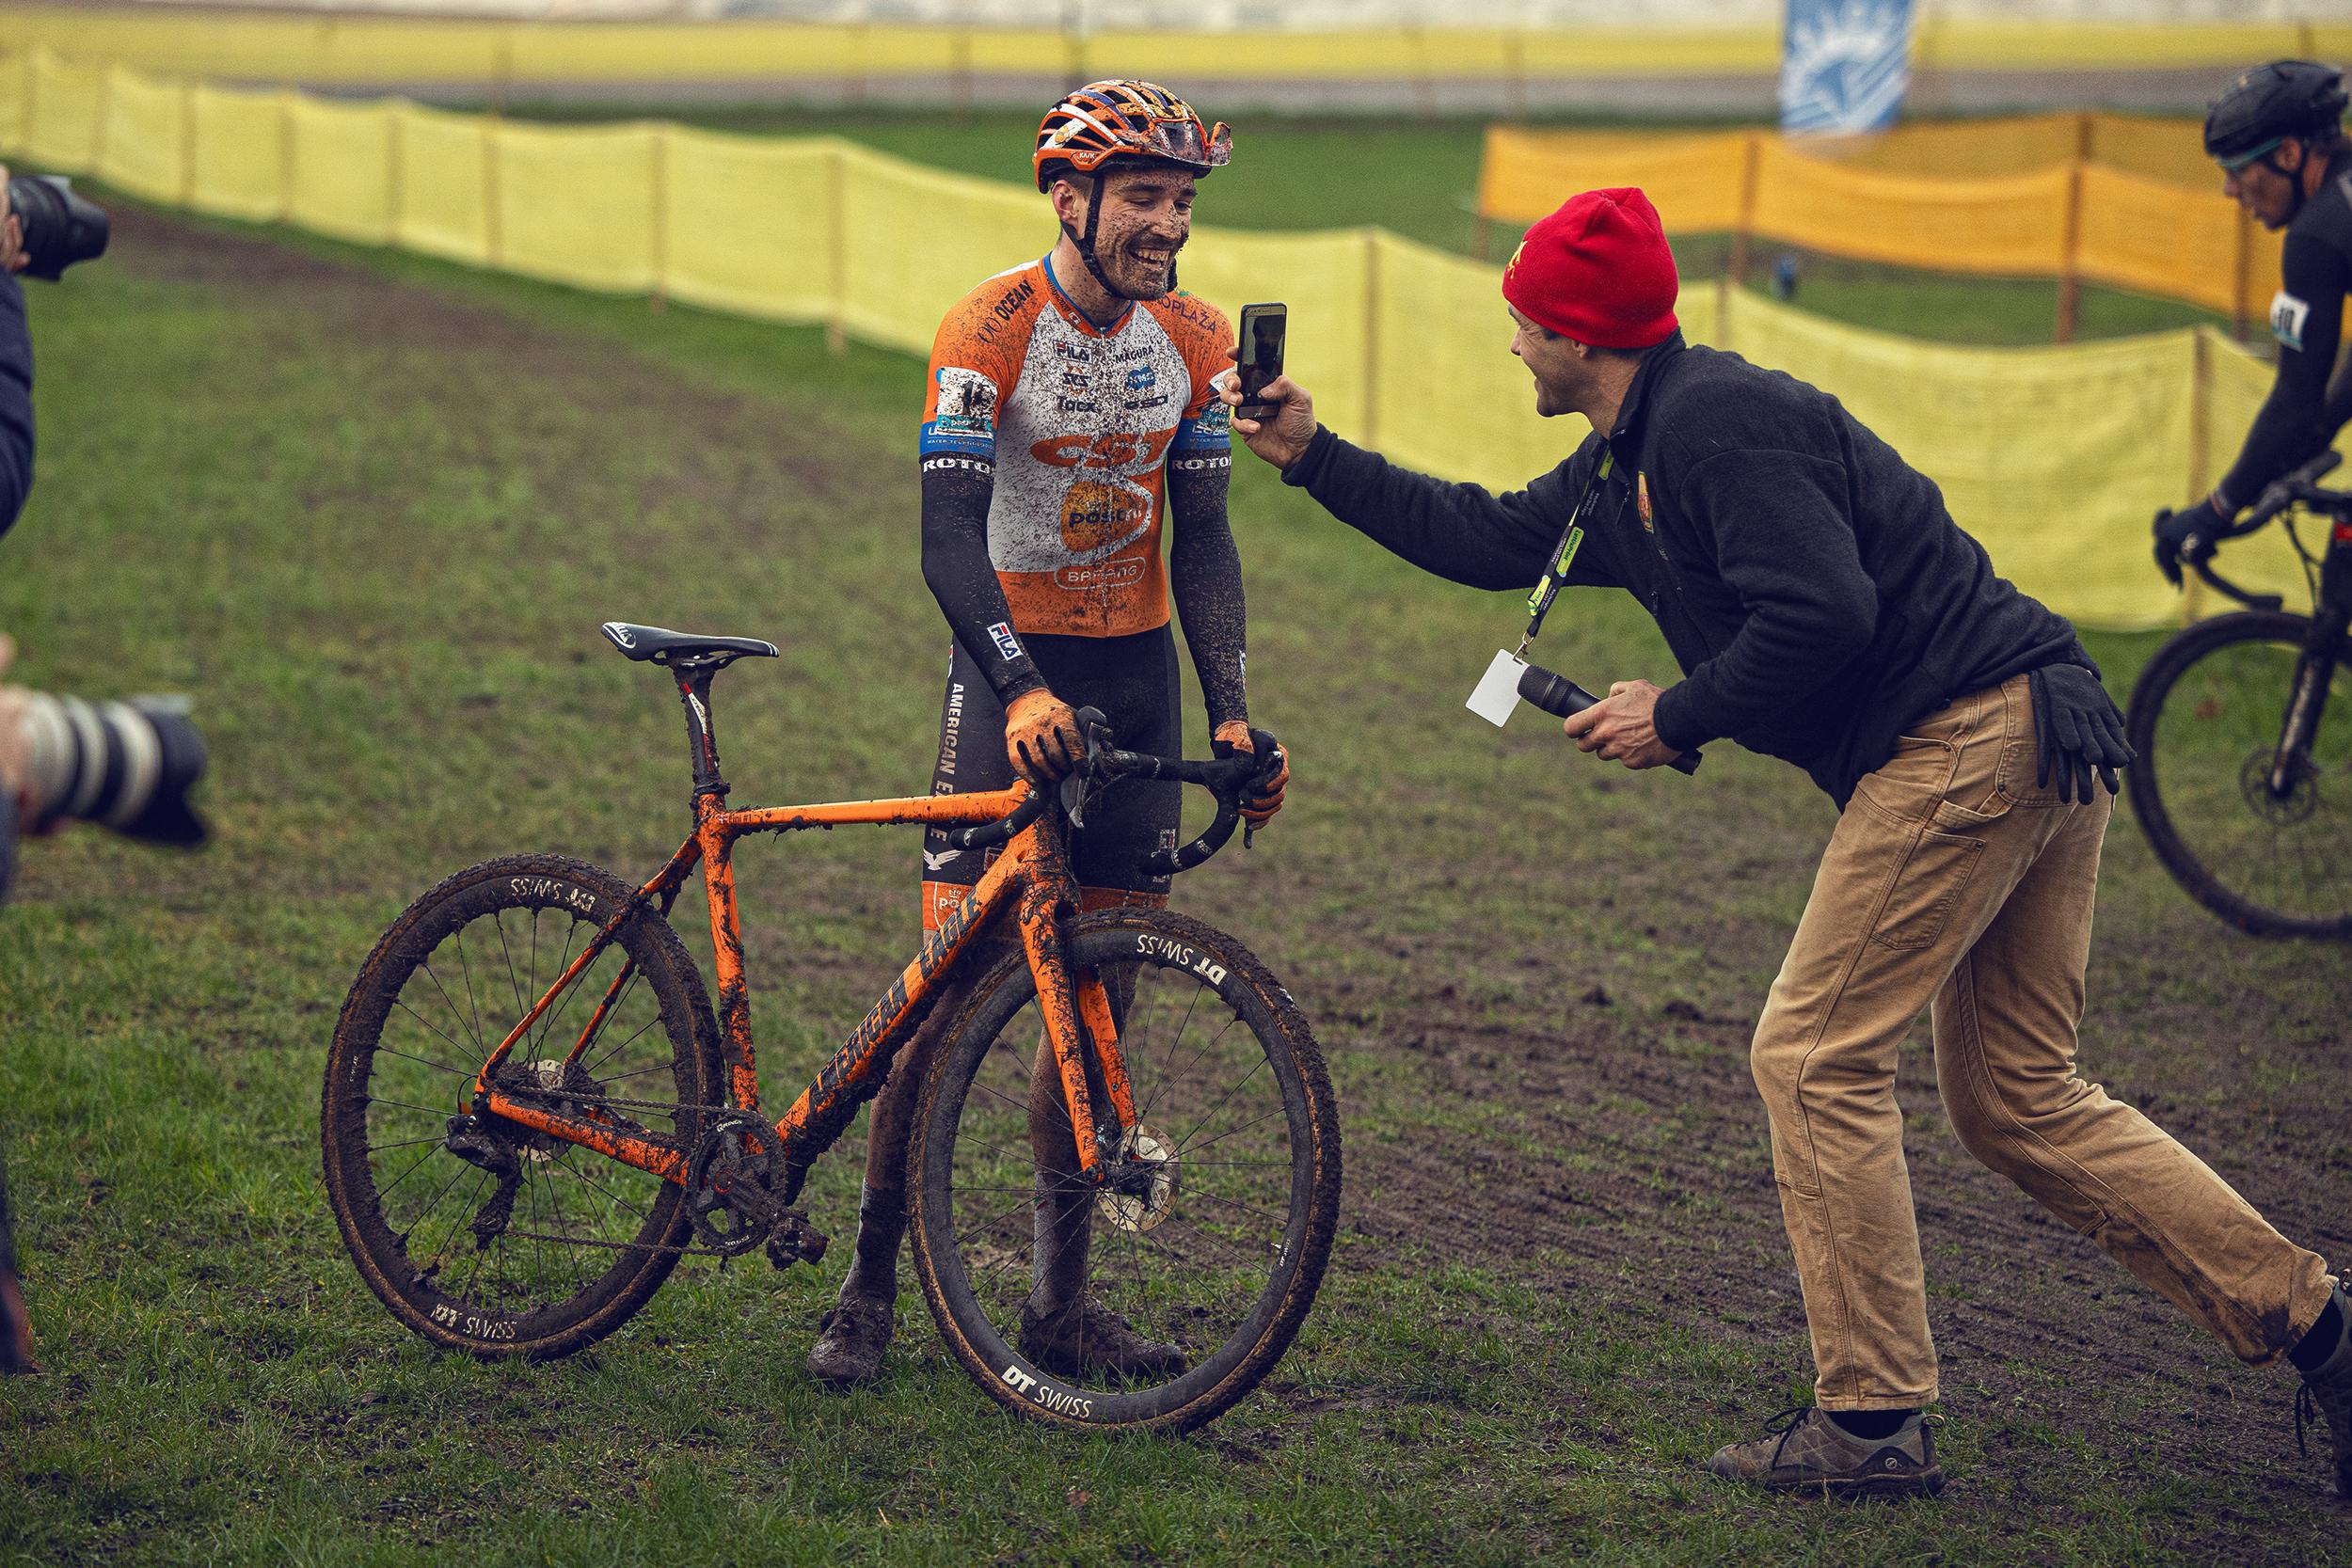 001 DM Cykelcross 2021 Aarhus